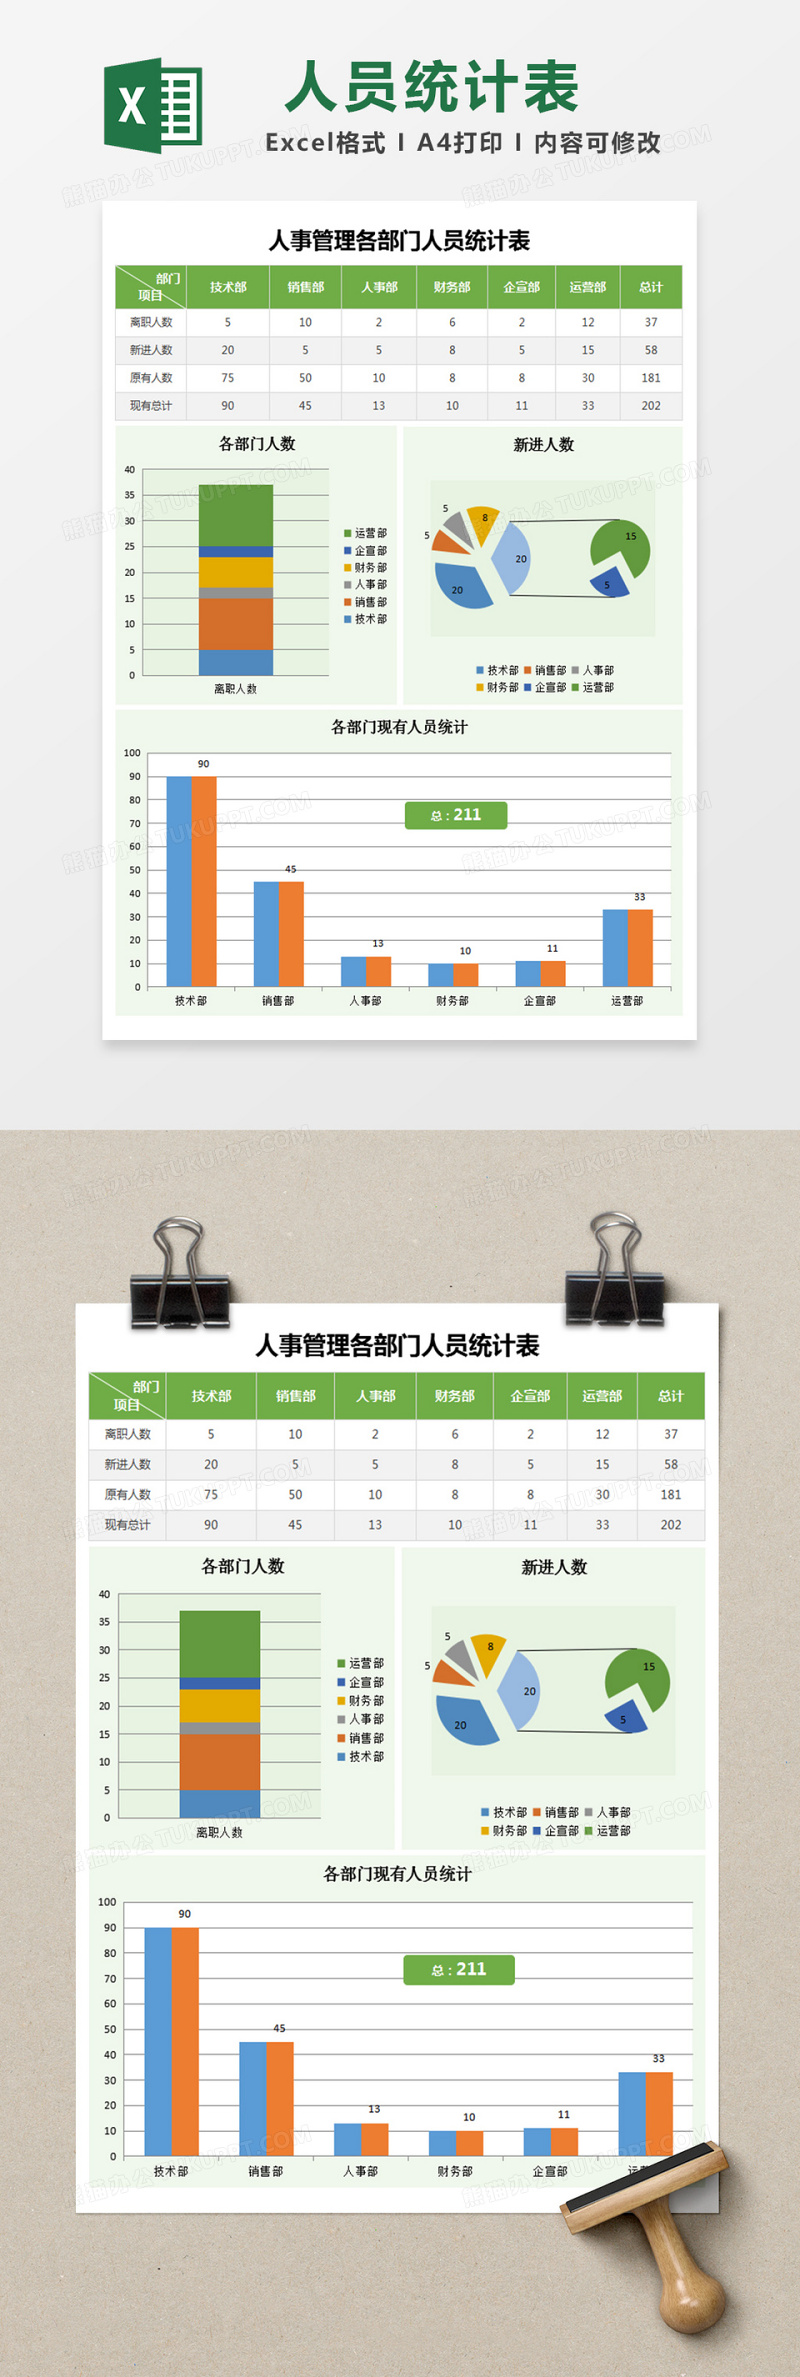 各部門人員統計報告excel表格模板